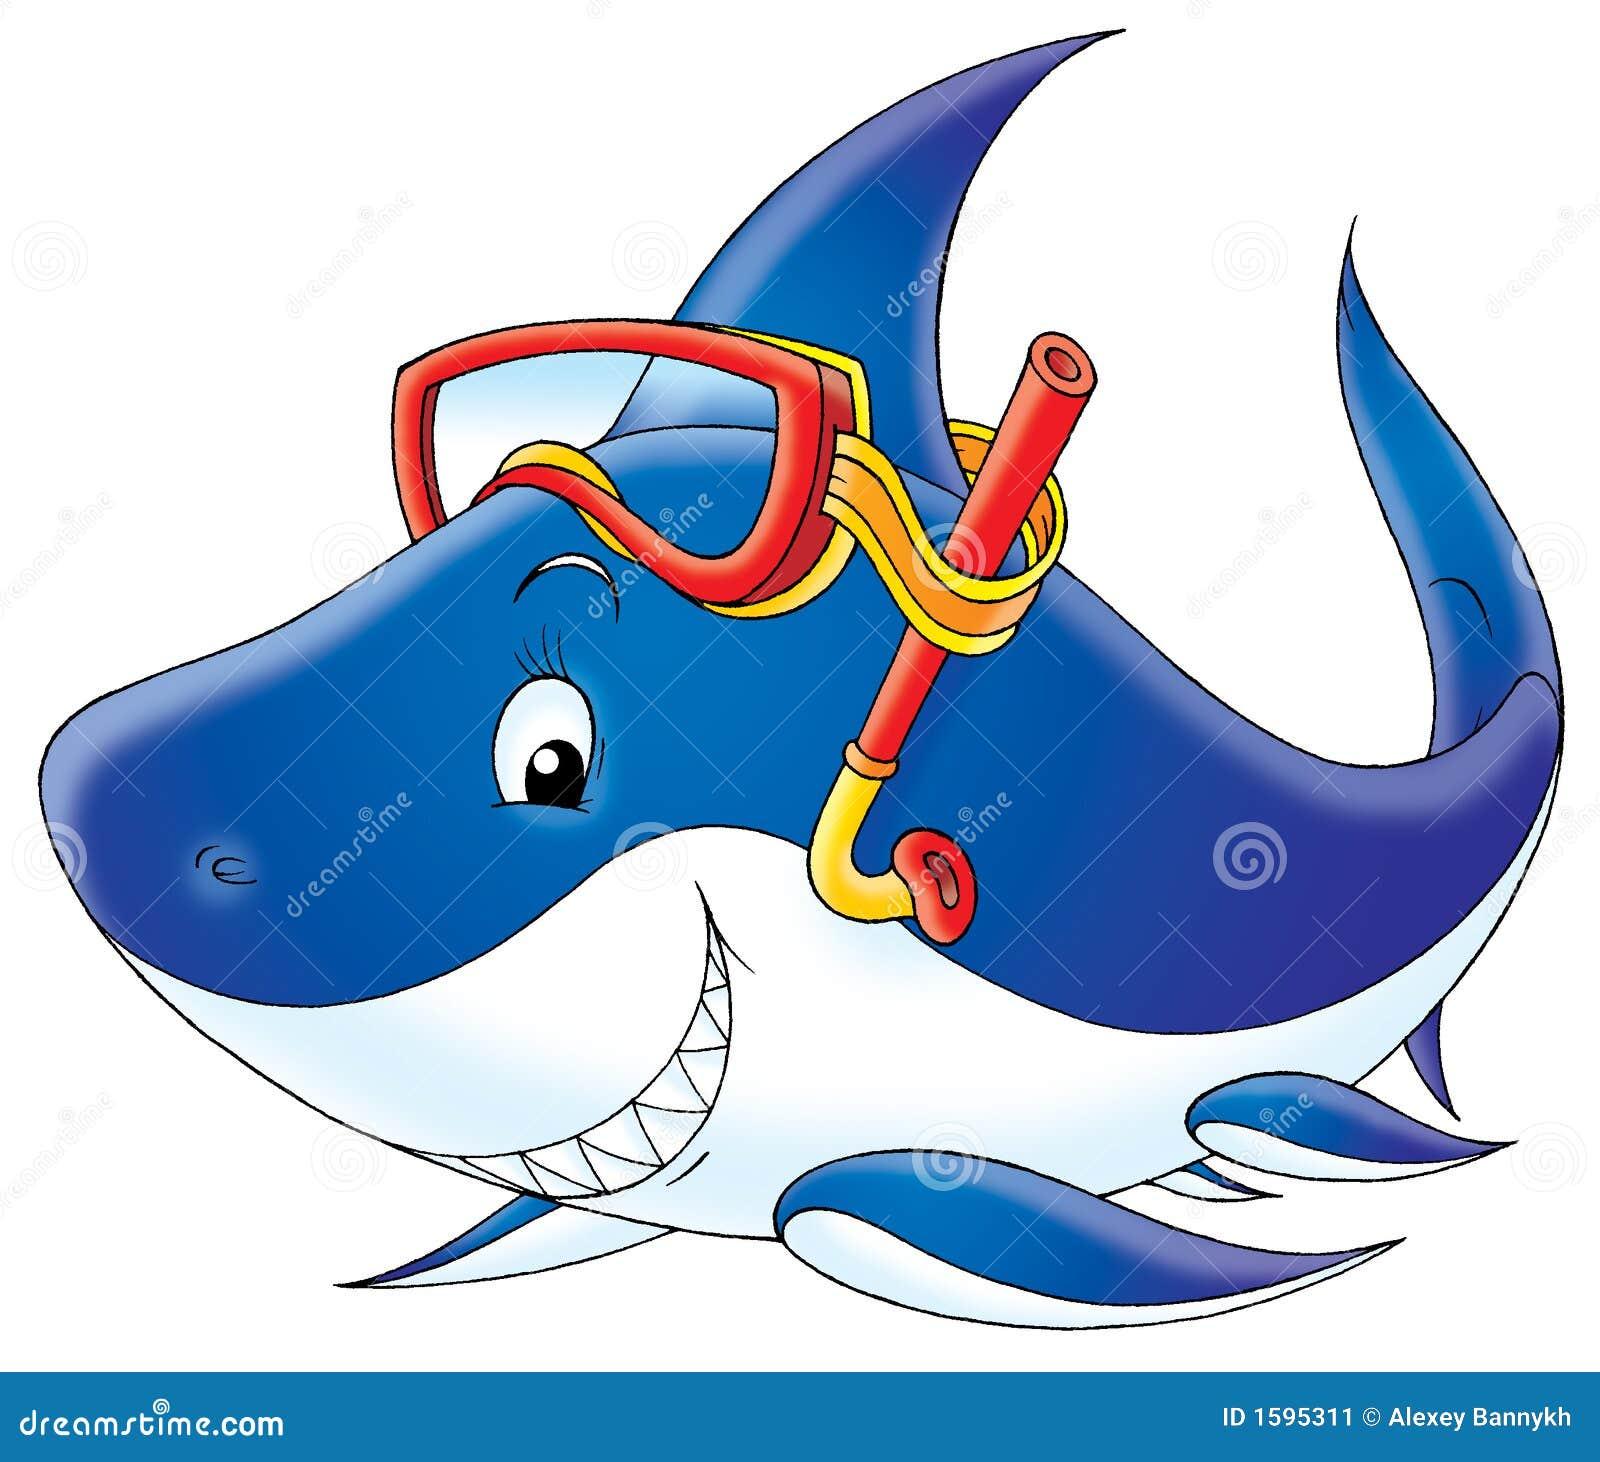 great white shark illustration